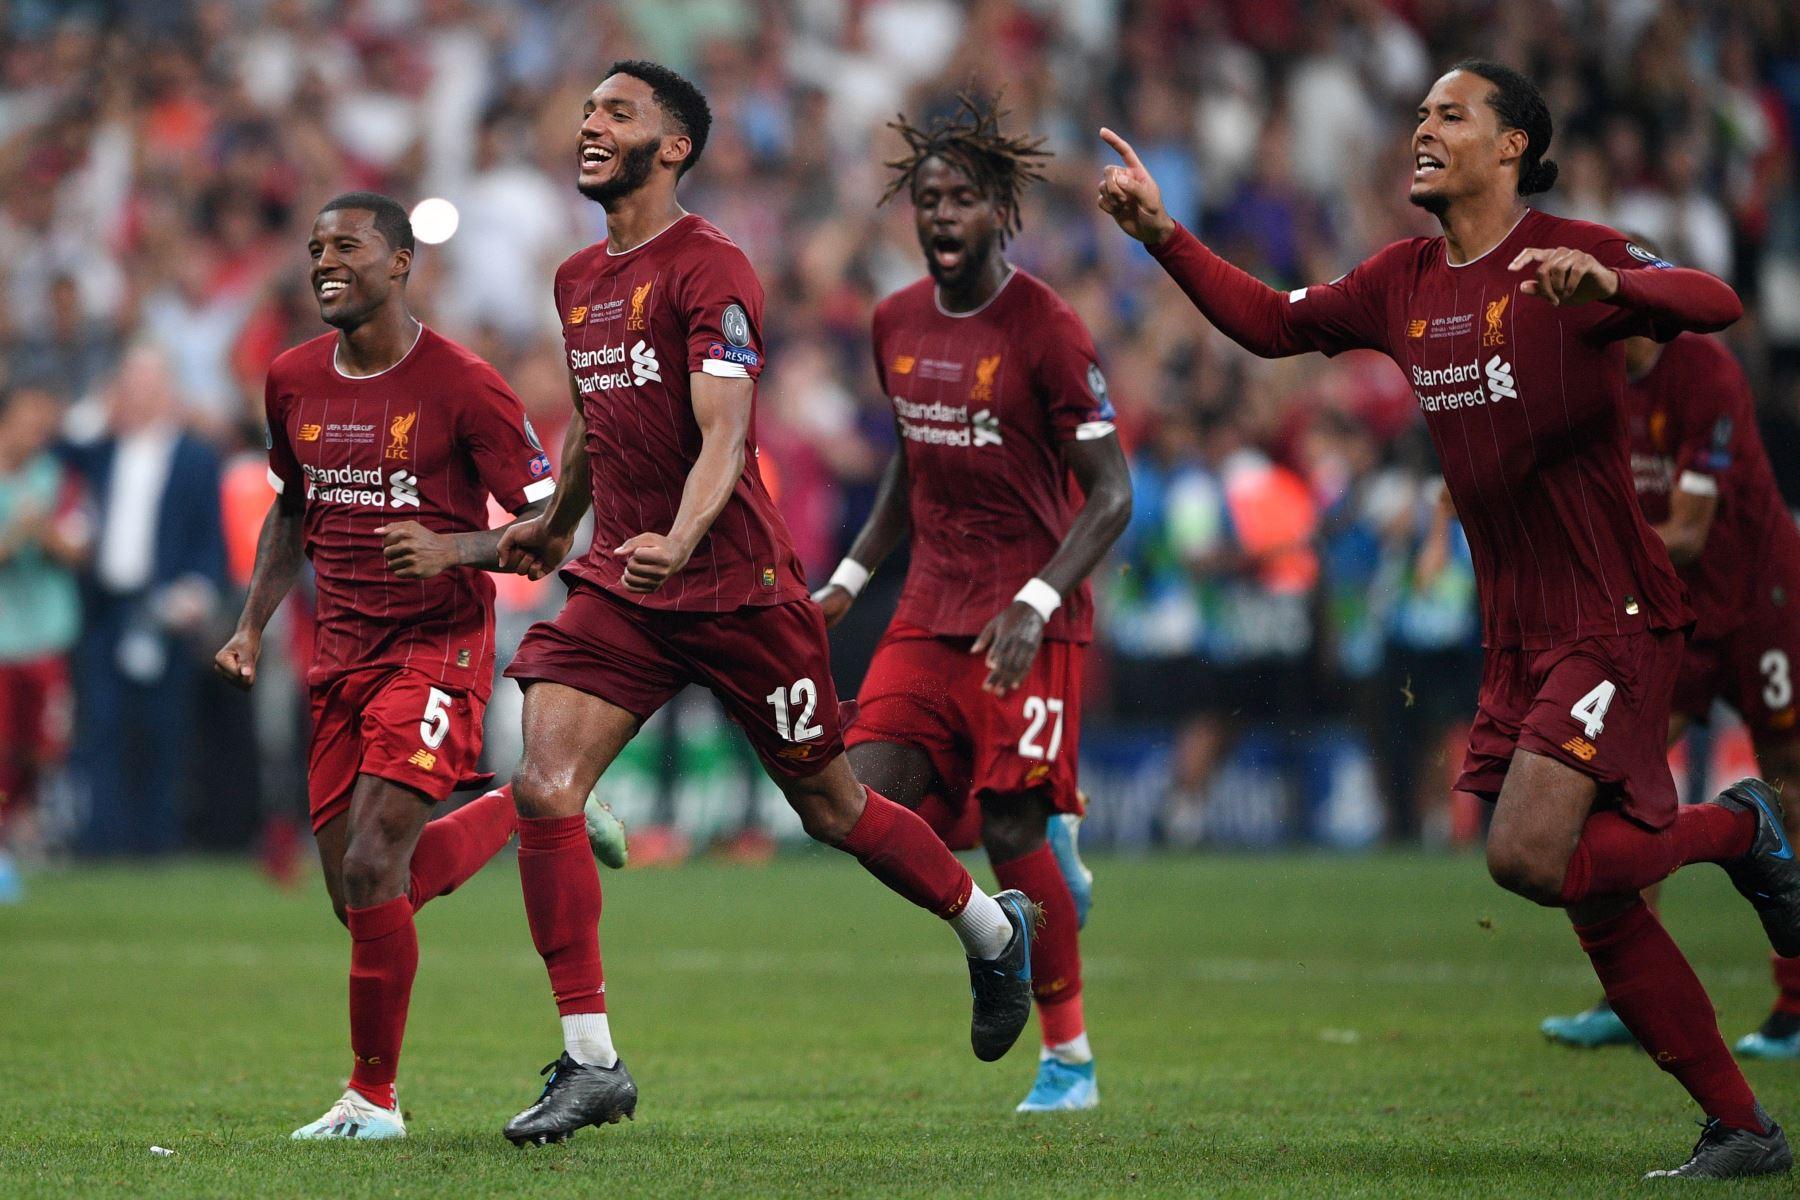 Los jugadores del Liverpool celebran haber ganado el partido de fútbol de la Supercopa de la UEFA 2019 entre el FC Liverpool y el Chelsea en el Besiktas Park Stadium de Estambul.Foto:AFP